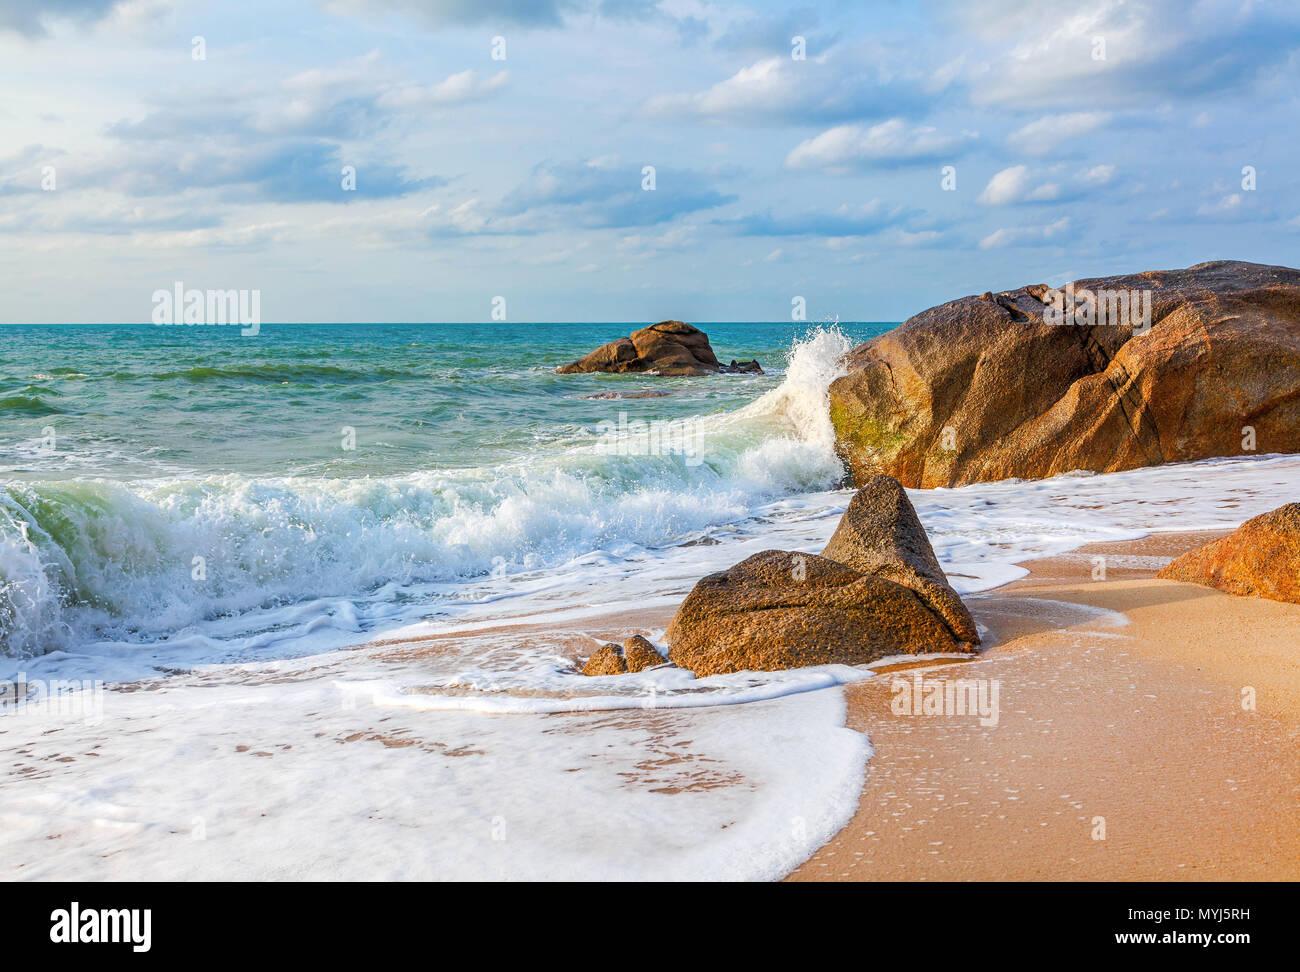 Matin sur la plage de Lamai. Koh Samui. La Thaïlande. Photo Stock